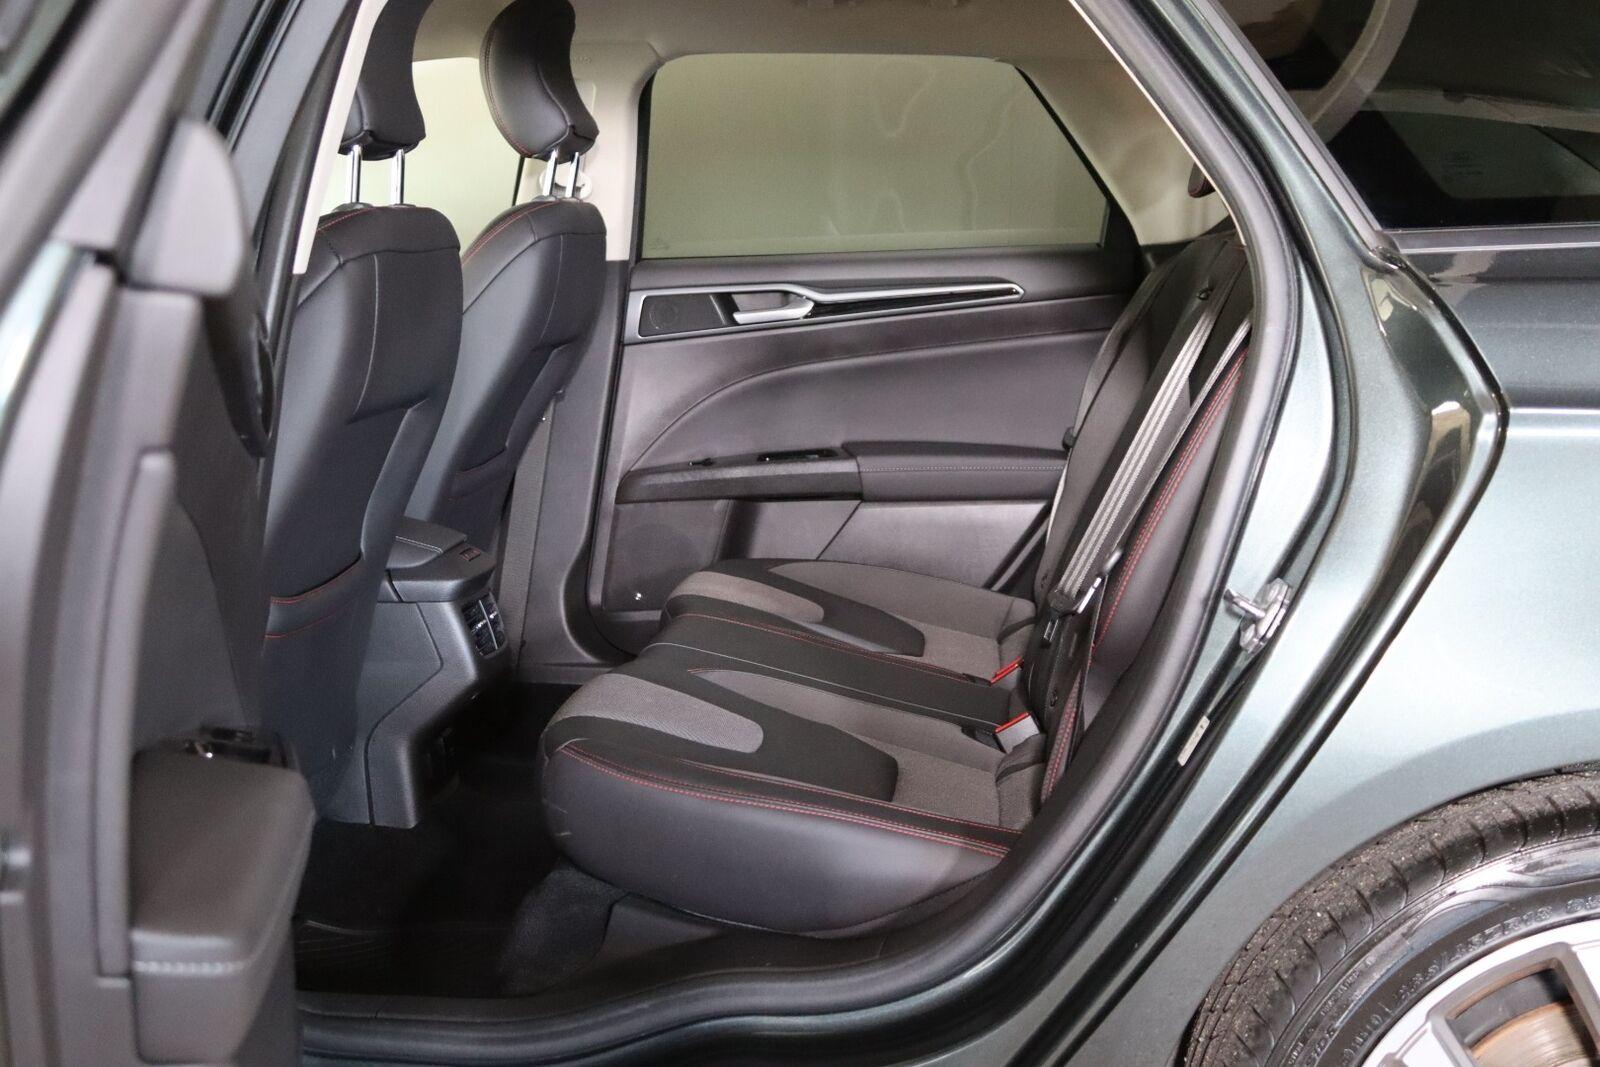 Ford Mondeo 2,0 TDCi 180 ST-Line stc. aut. - billede 5